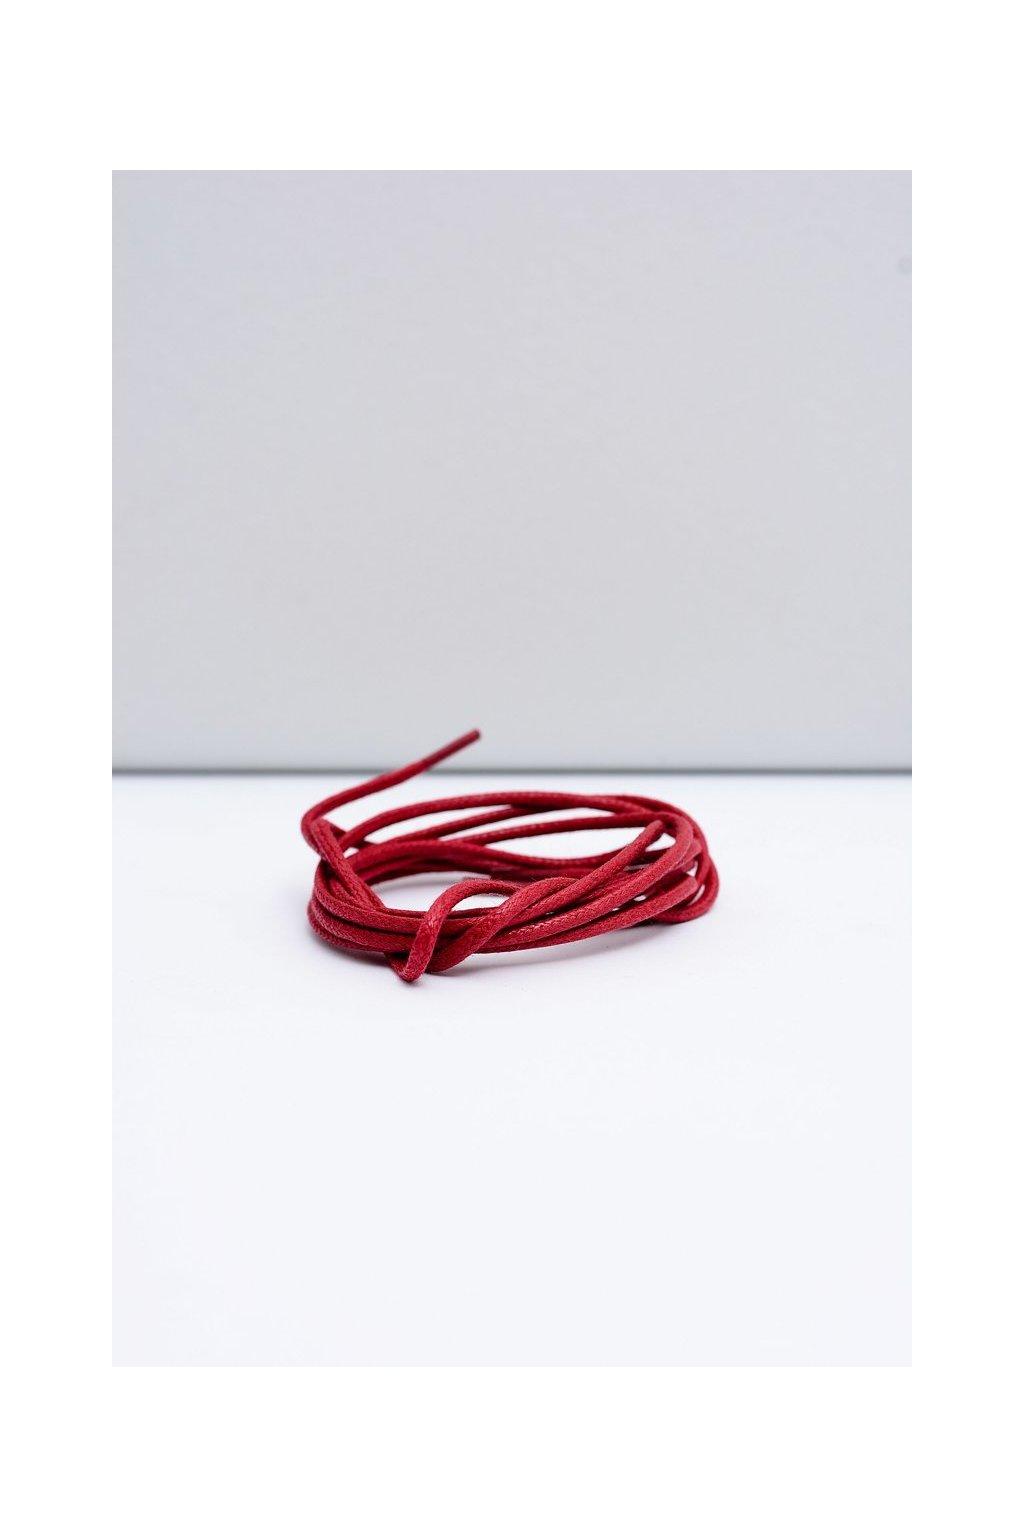 Šnúrky do topánok farba červená kód CZERWONE OKR. CIENKI WOSK